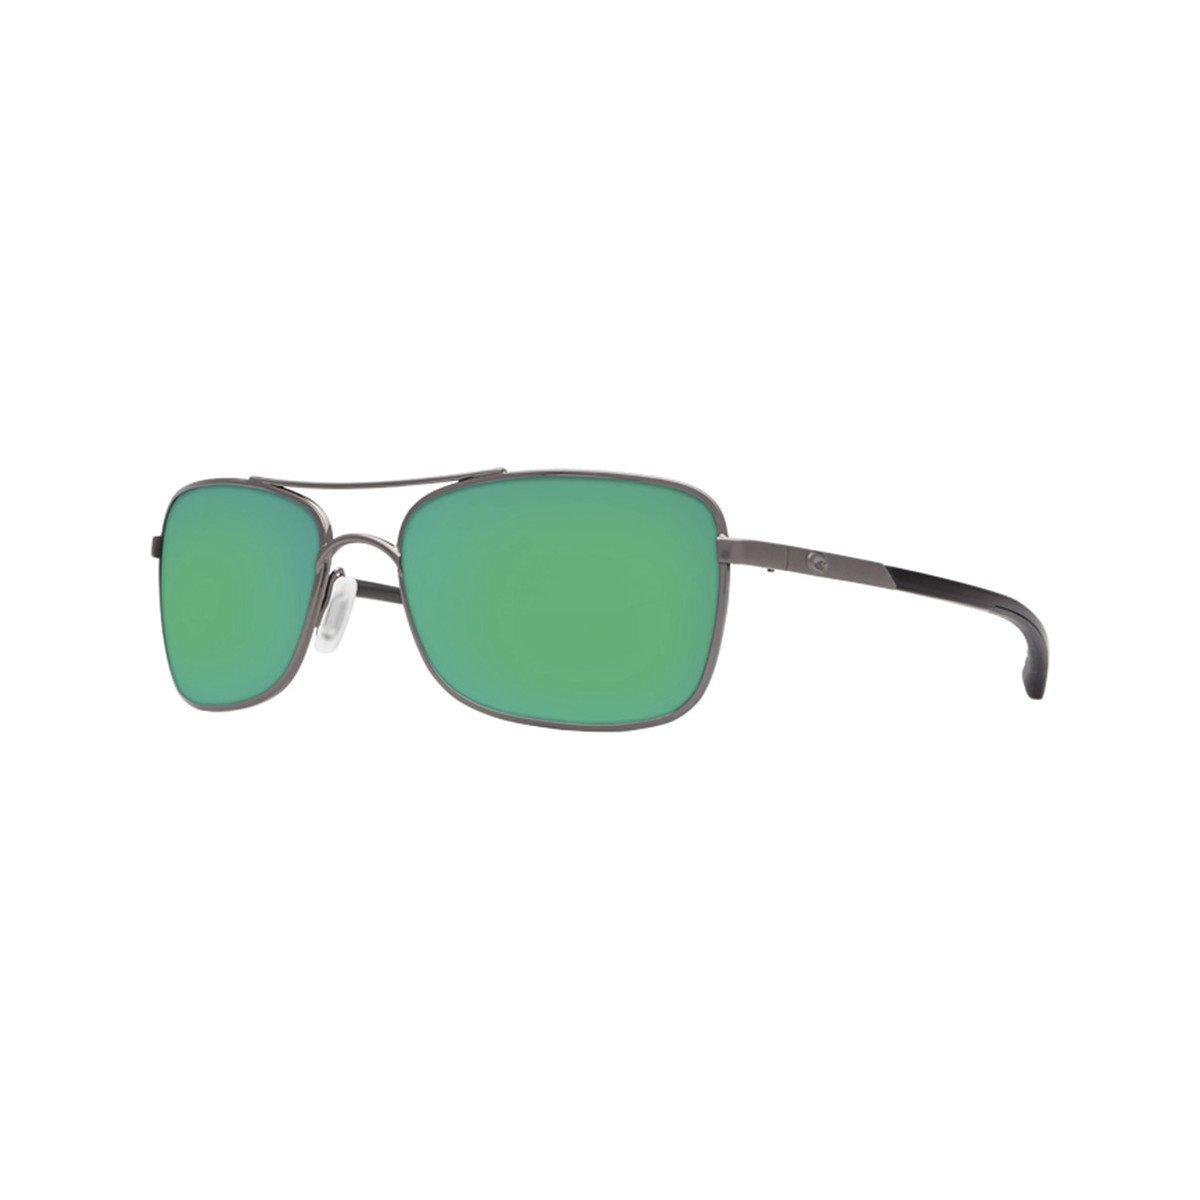 2e188523c6569 Amazon.com  Costa Del Mar Palapa Sunglasses